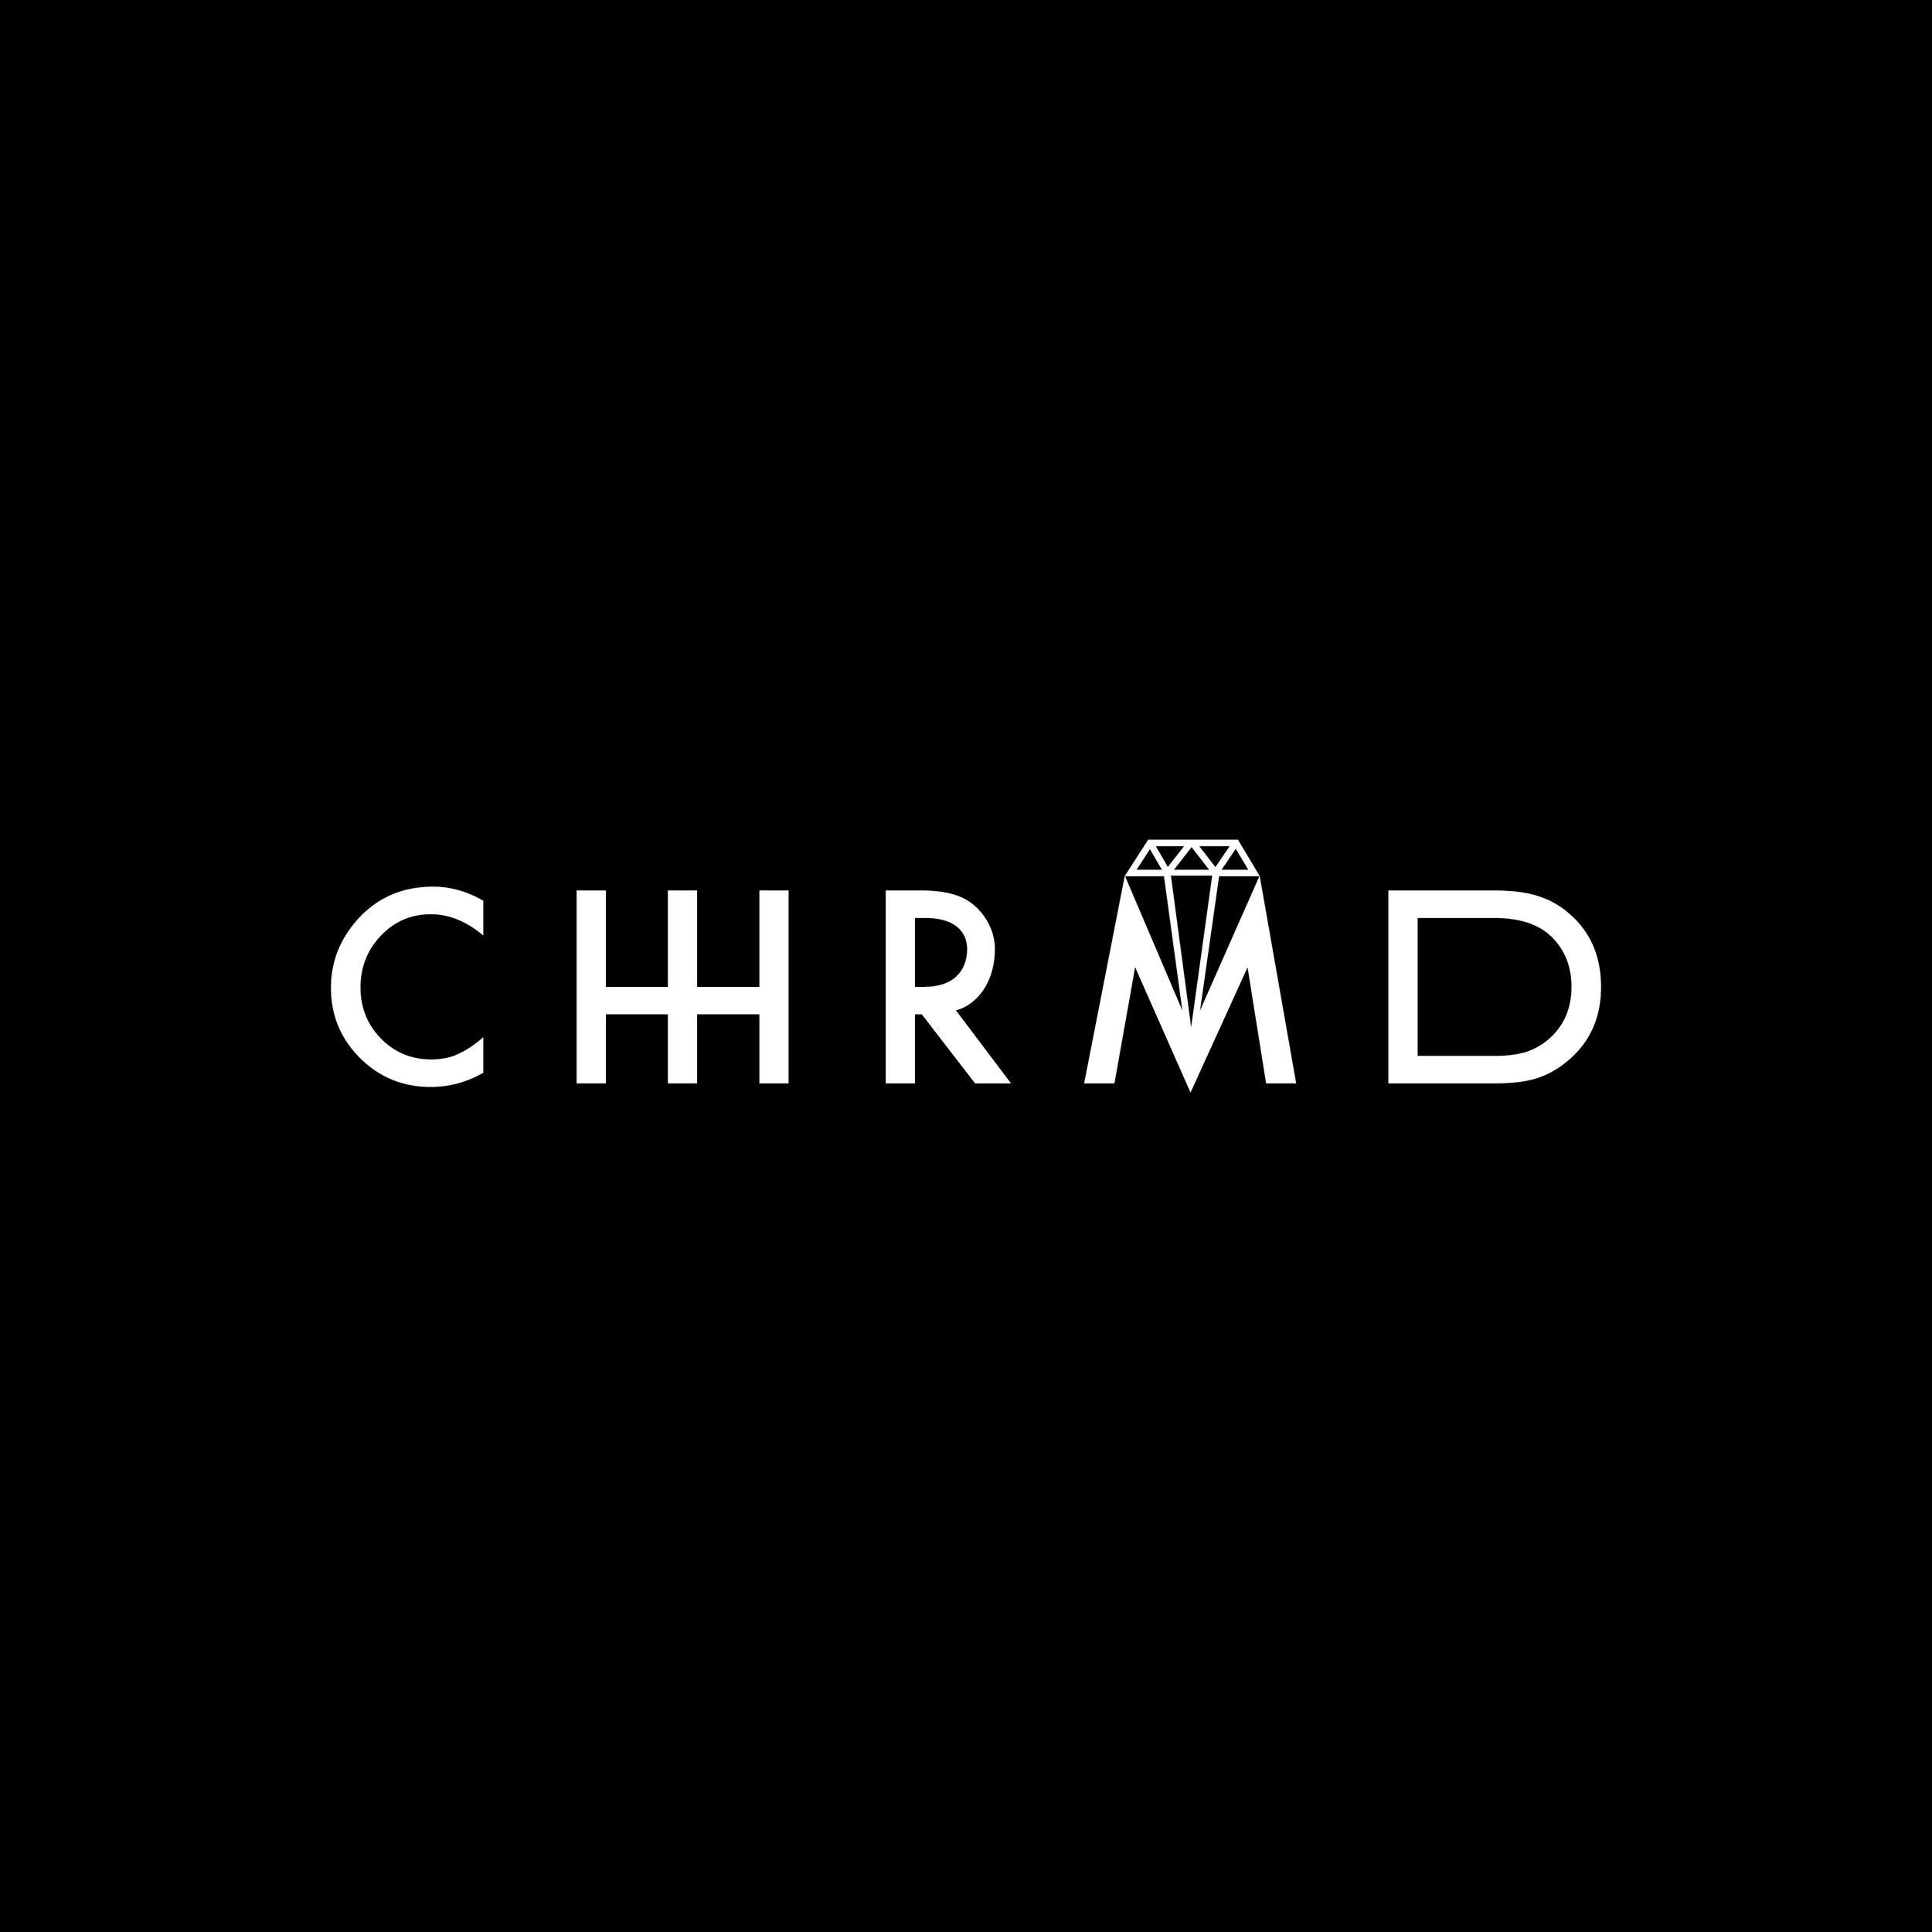 CHRMD_LOGO-01.jpg